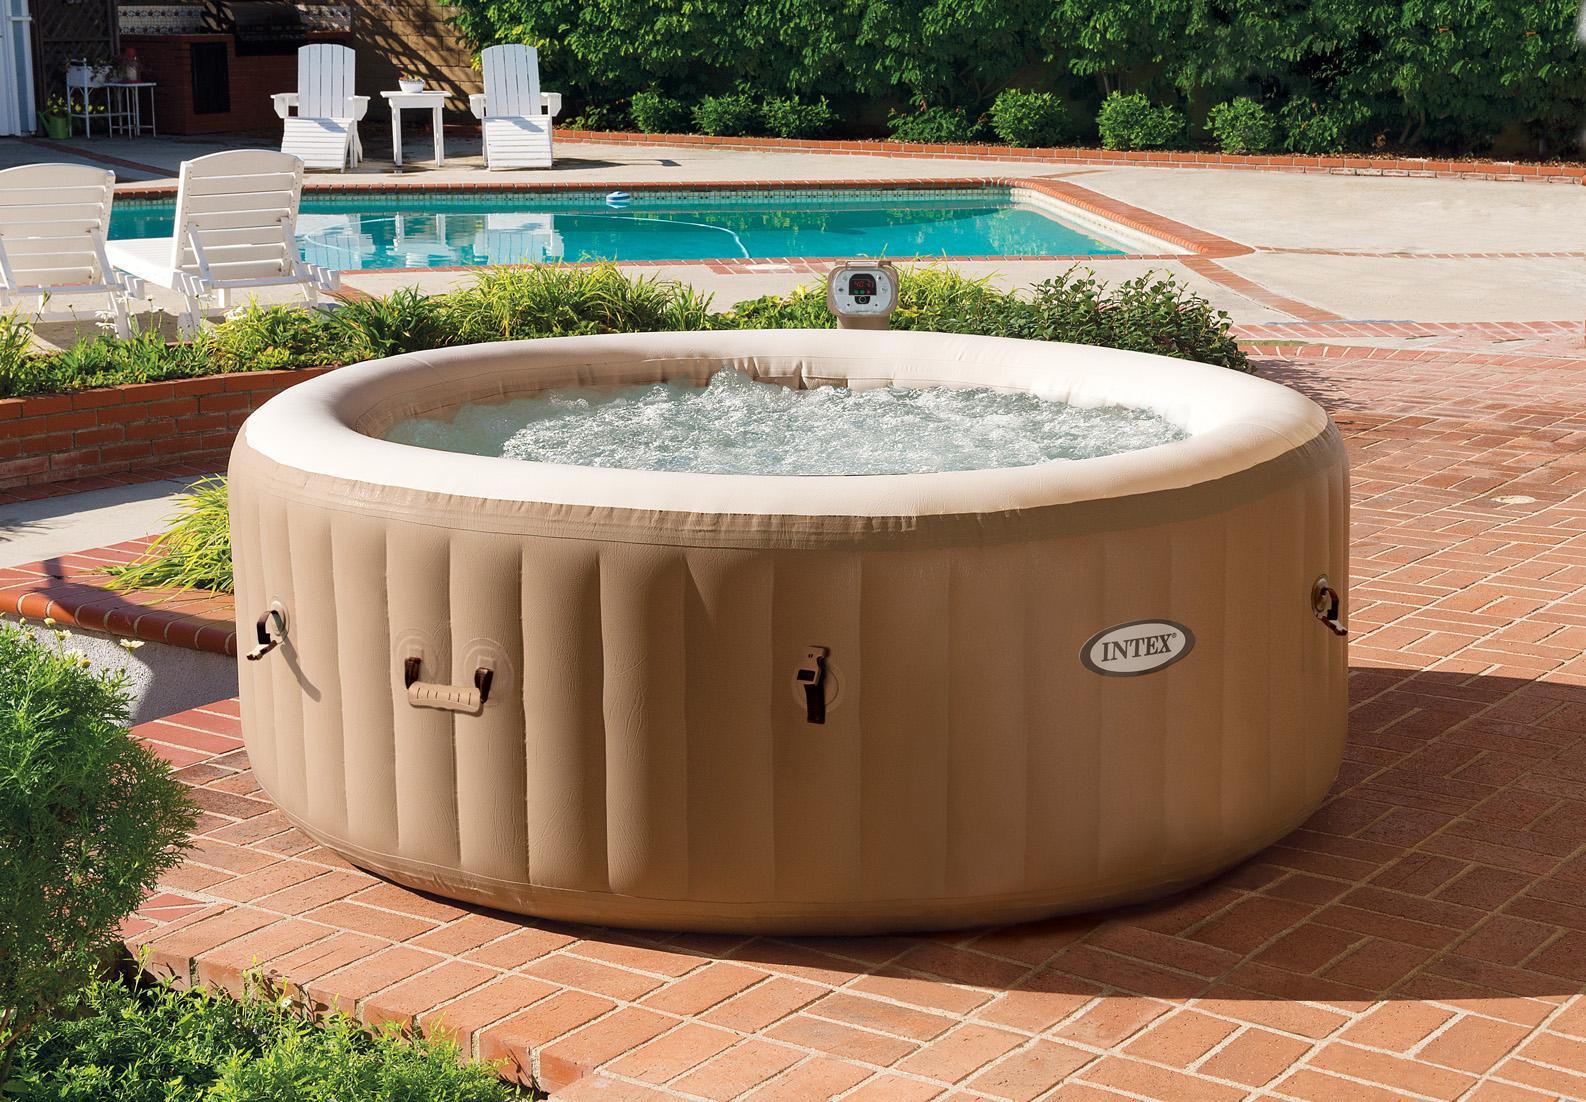 Intex 28403e alberca para piso piscina inflable for Amazon piscinas